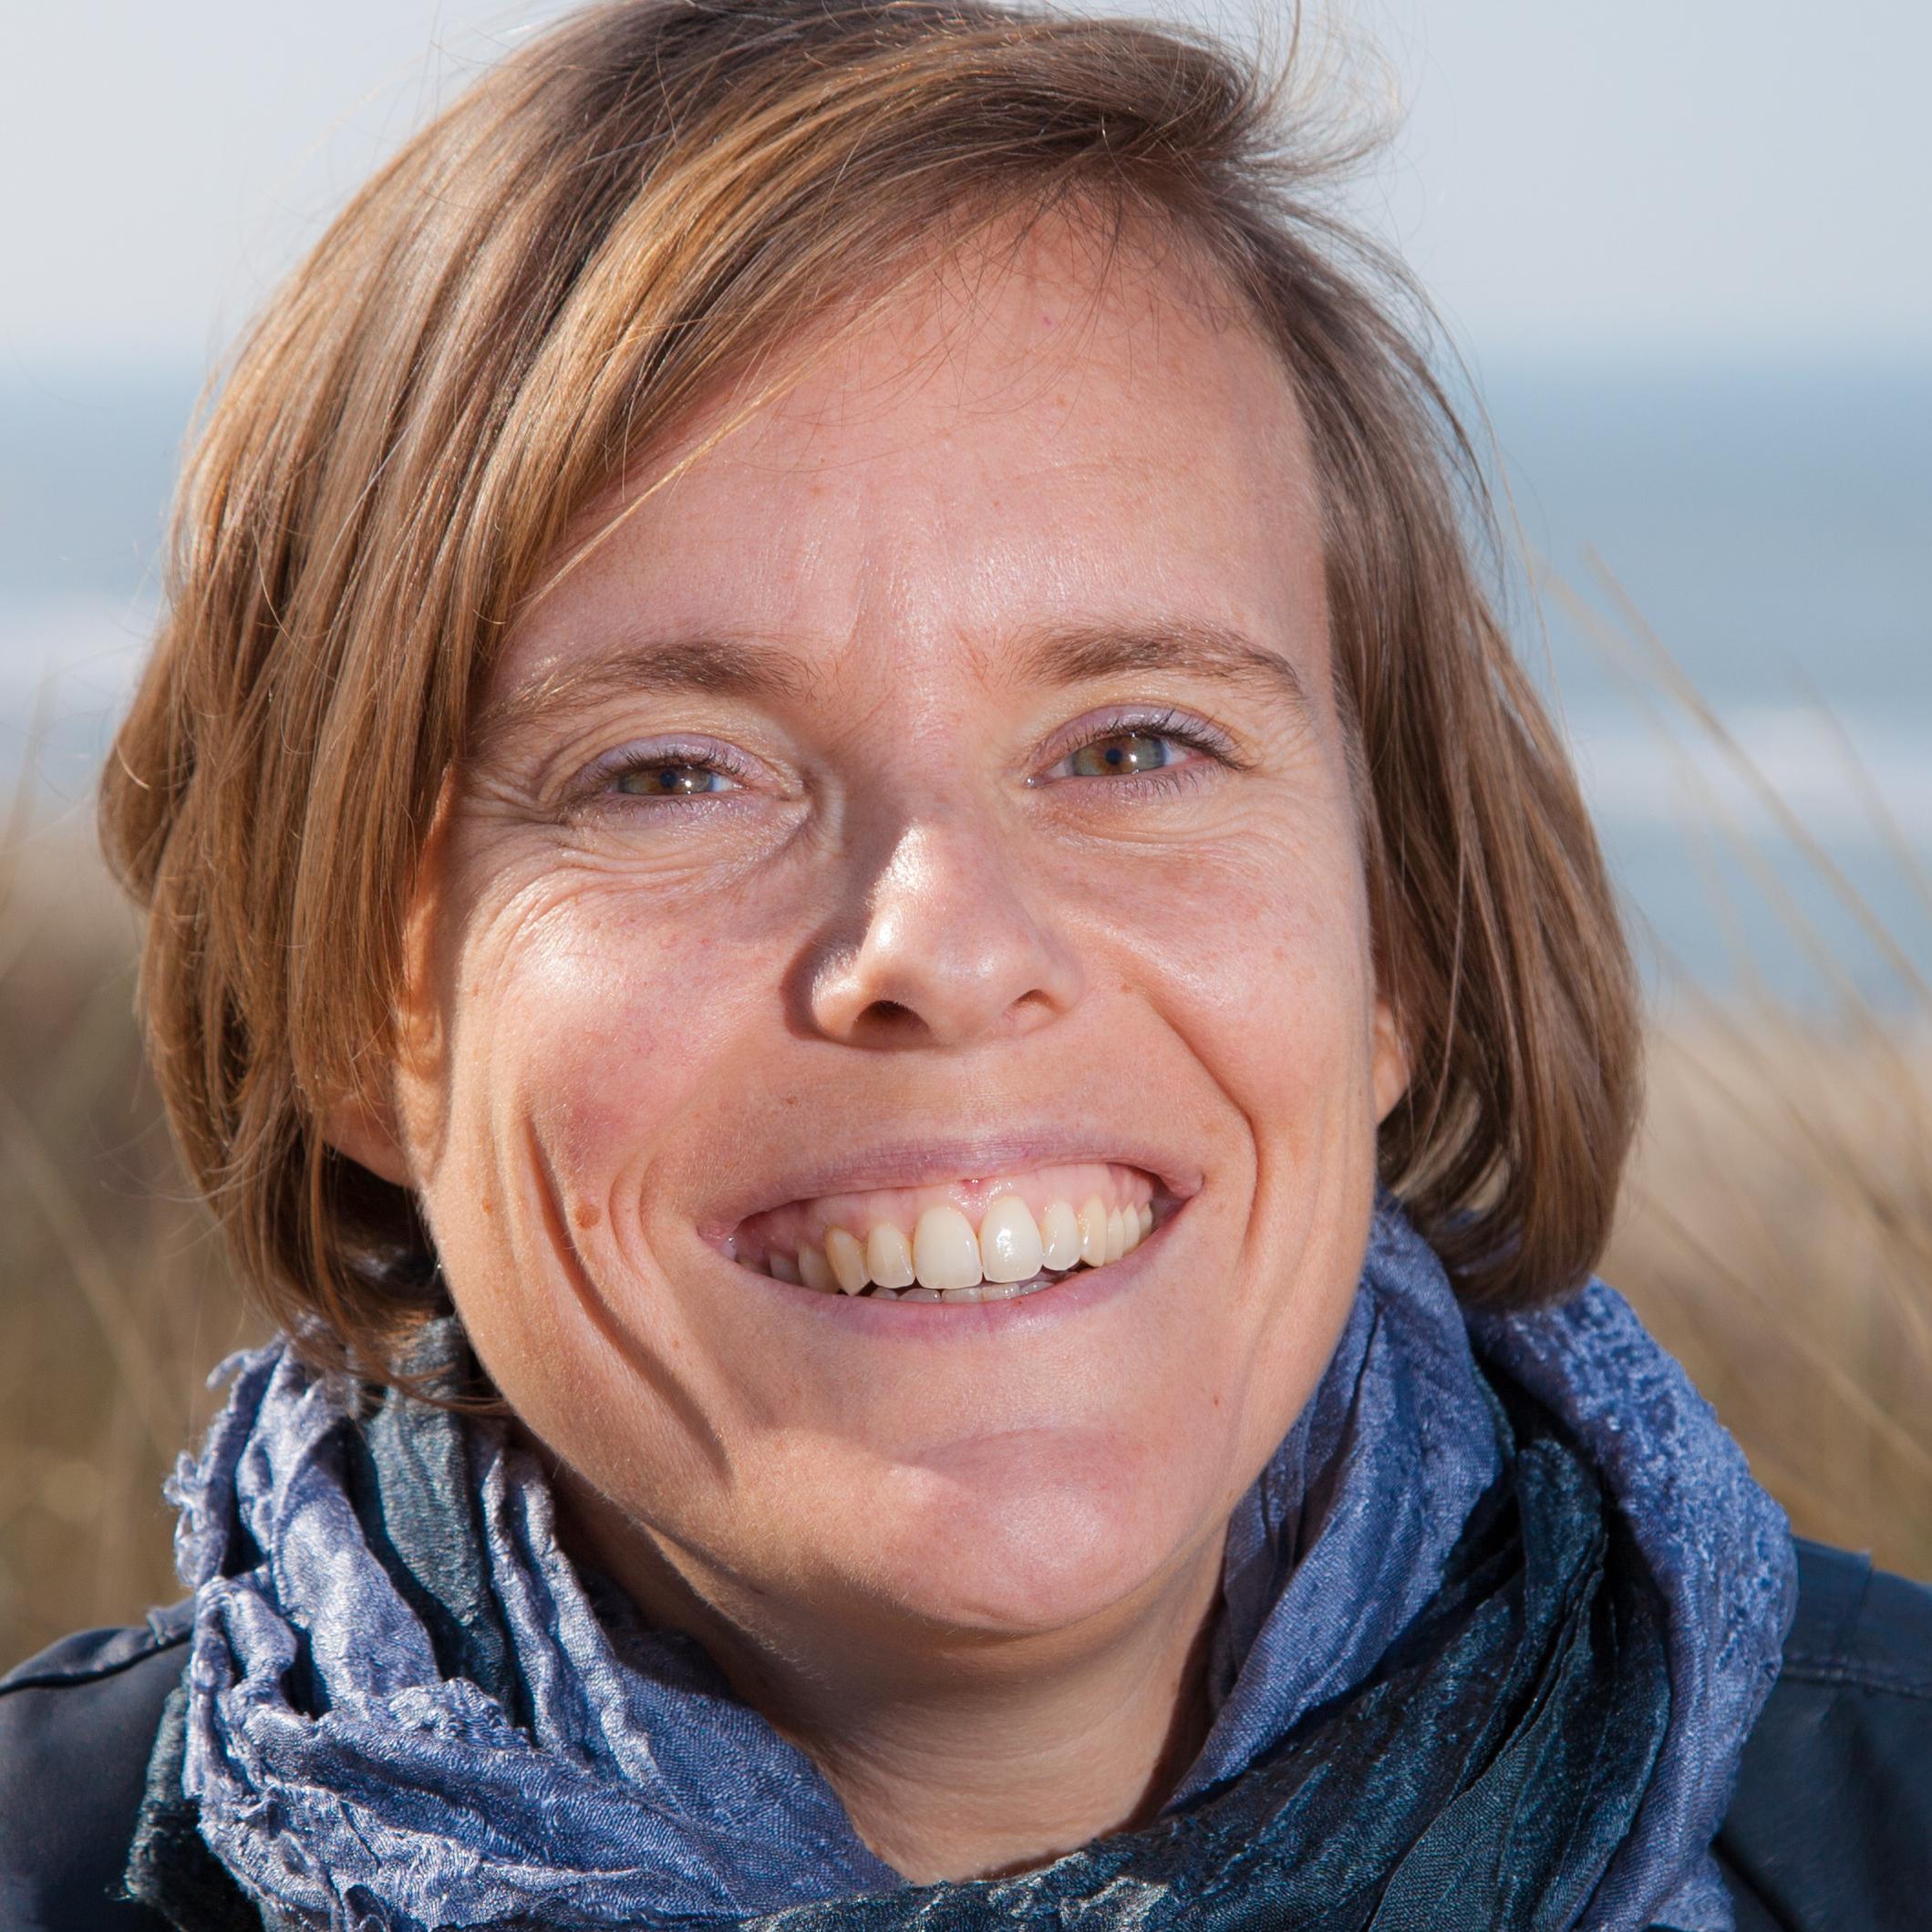 Suzanne Wartenbergh, de #PinDoctor